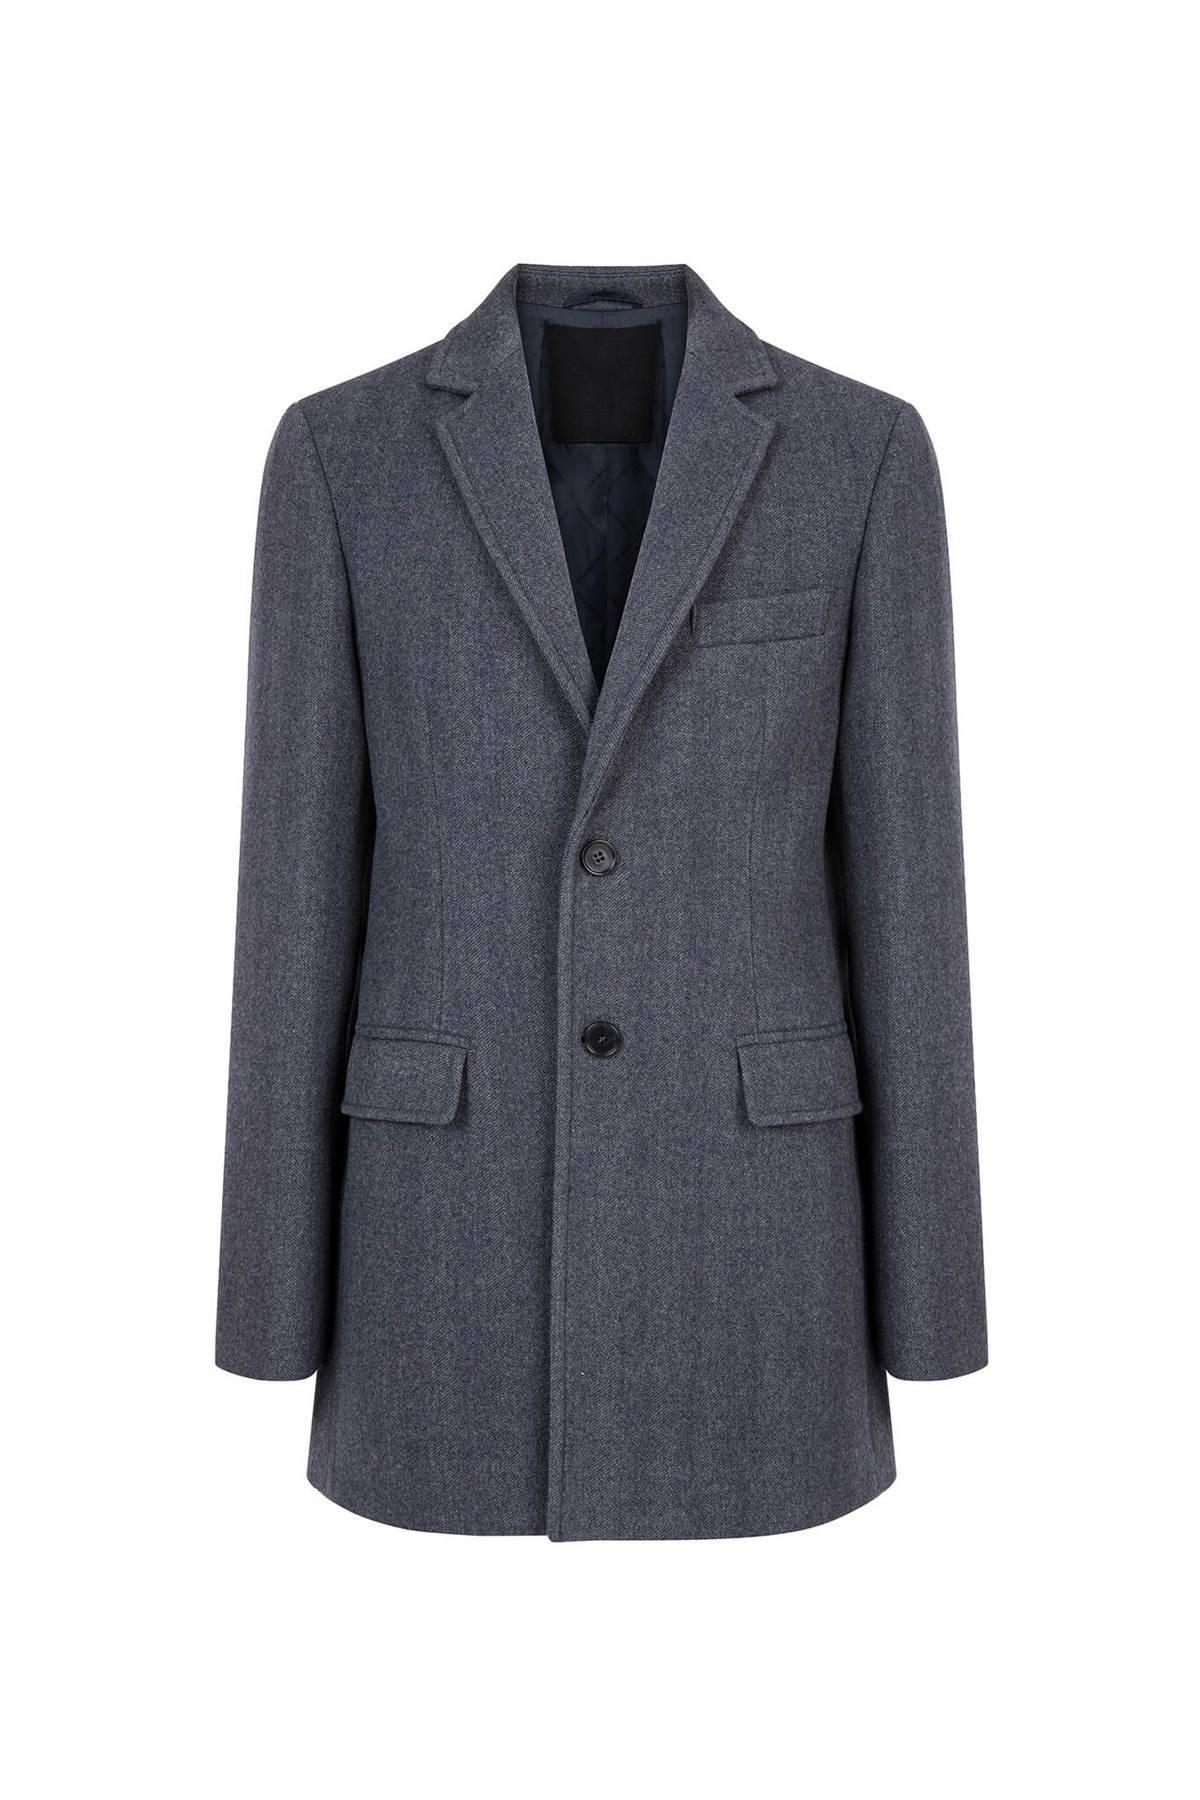 Gri Yün Palto